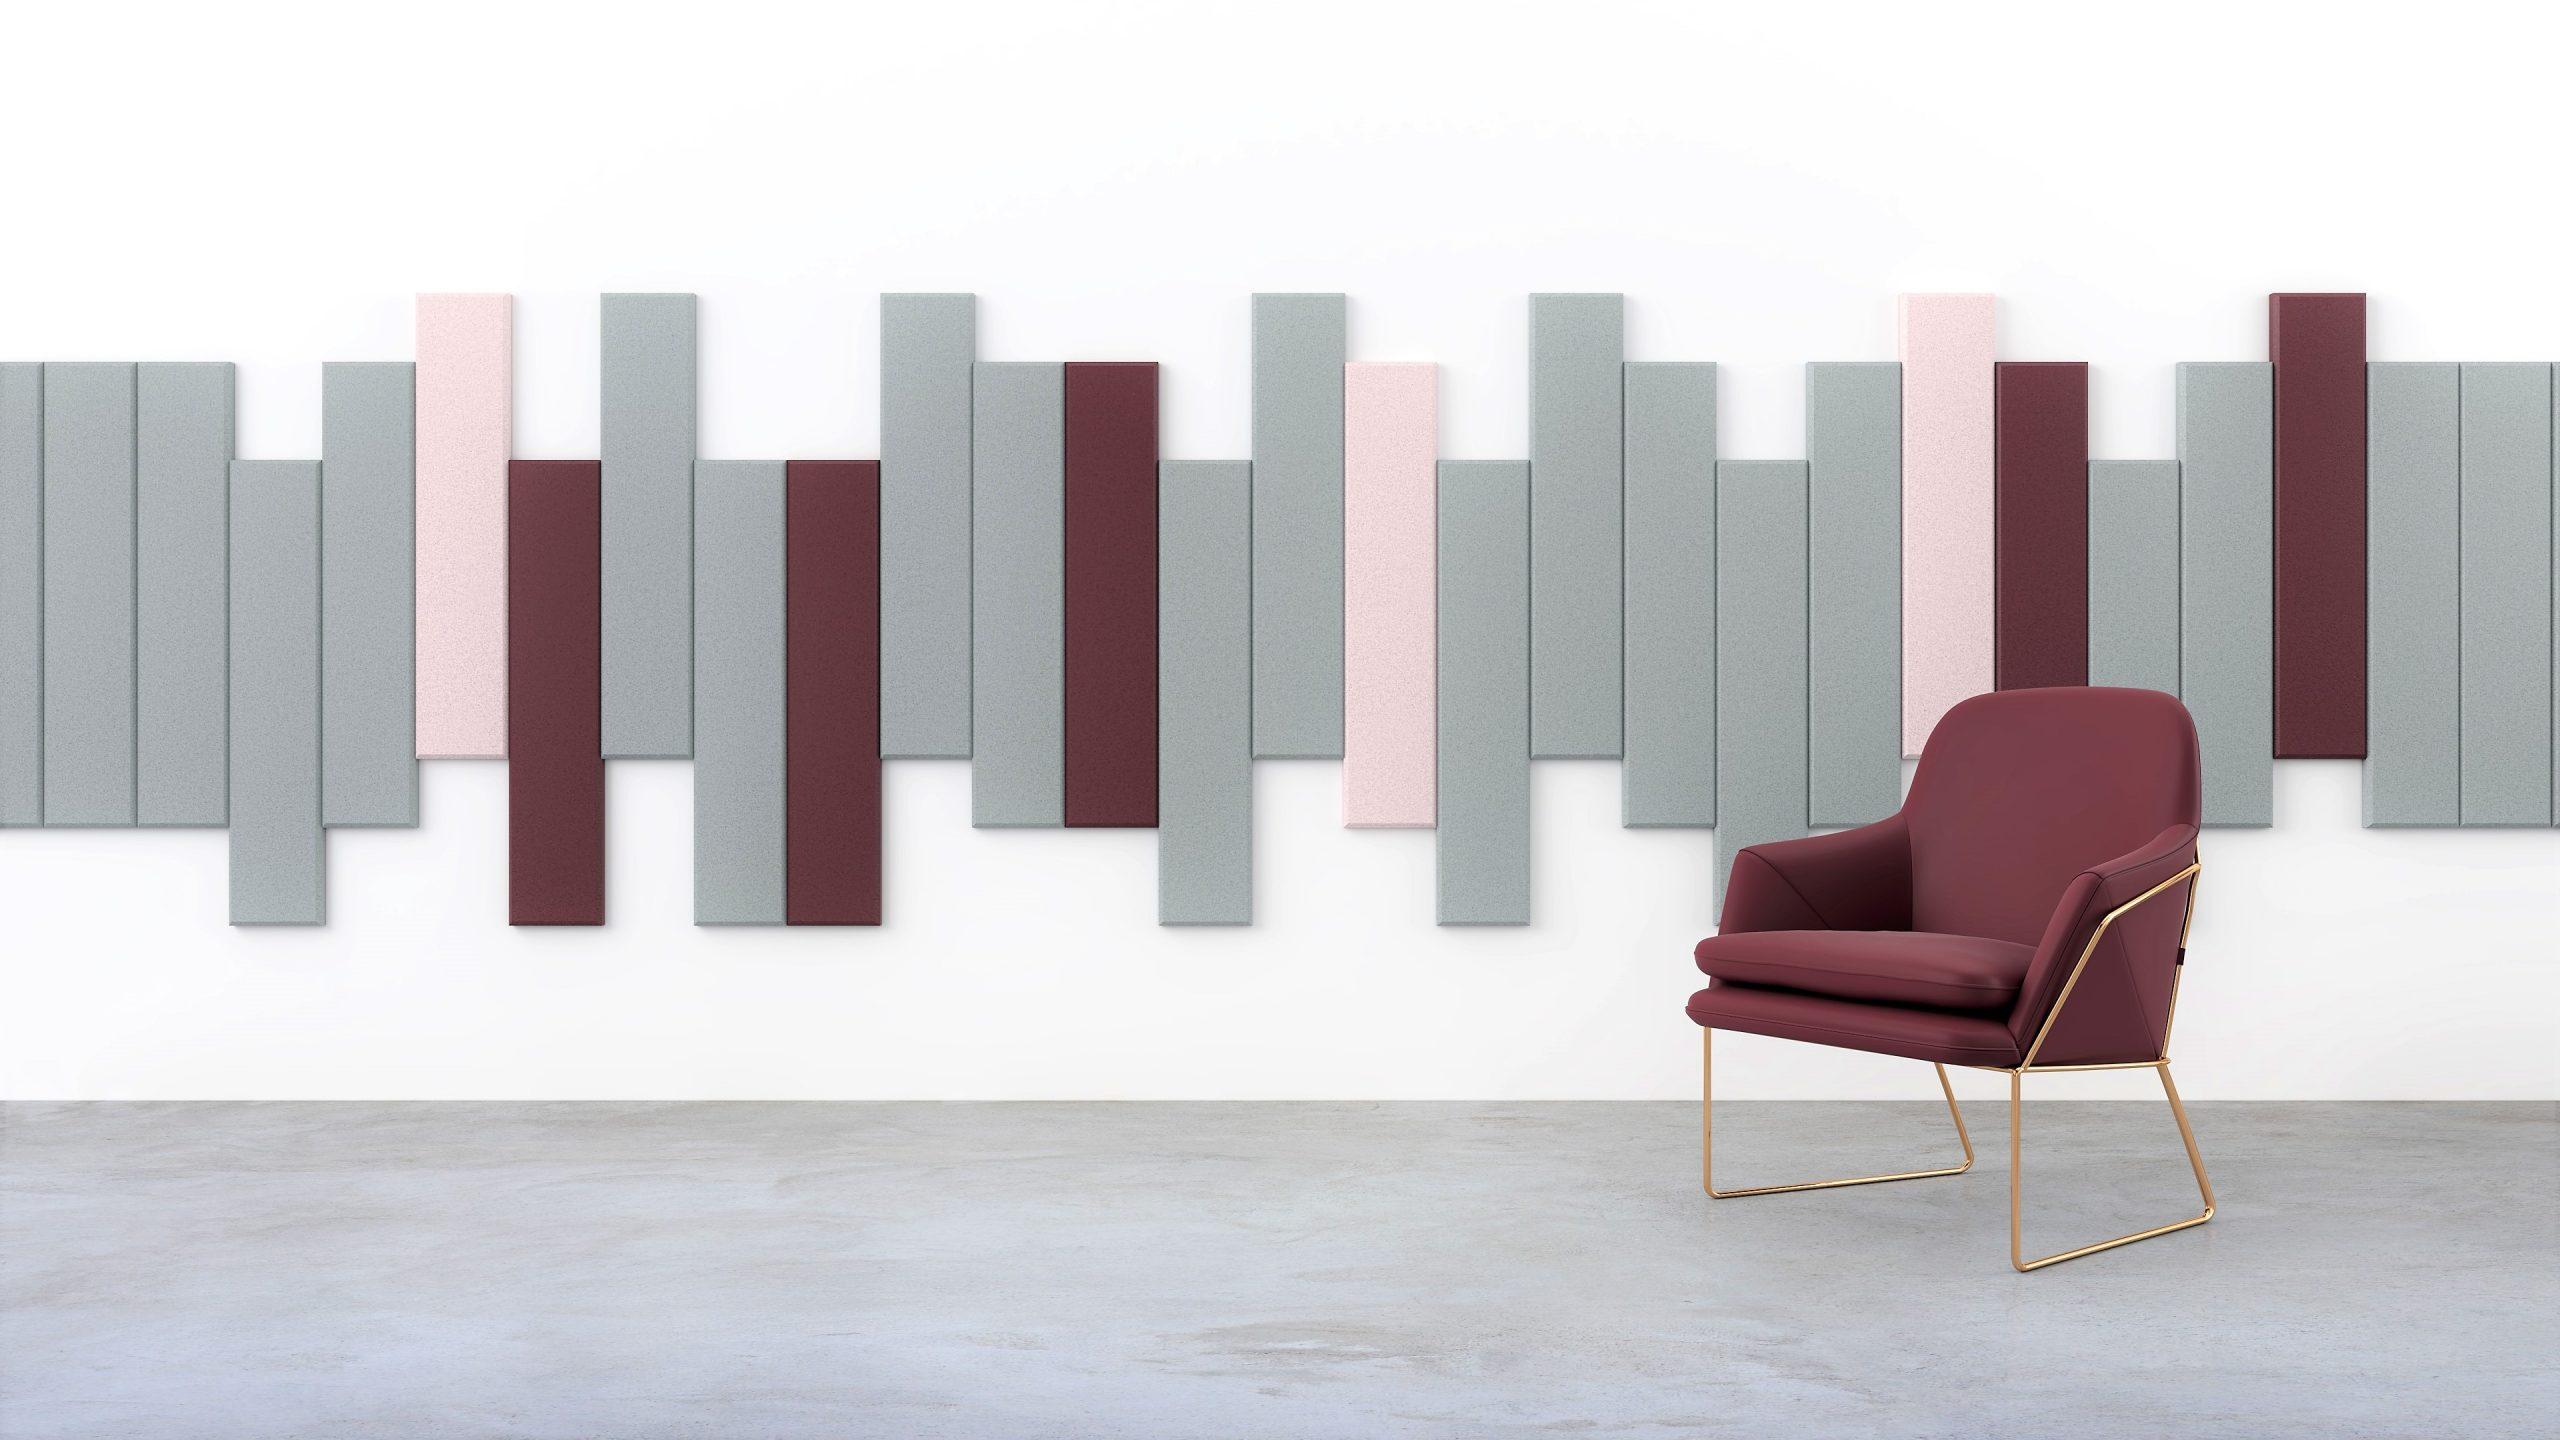 Fauteuil bordeau devant un mur de panneaux acoustiques gris, roses et bordeaux